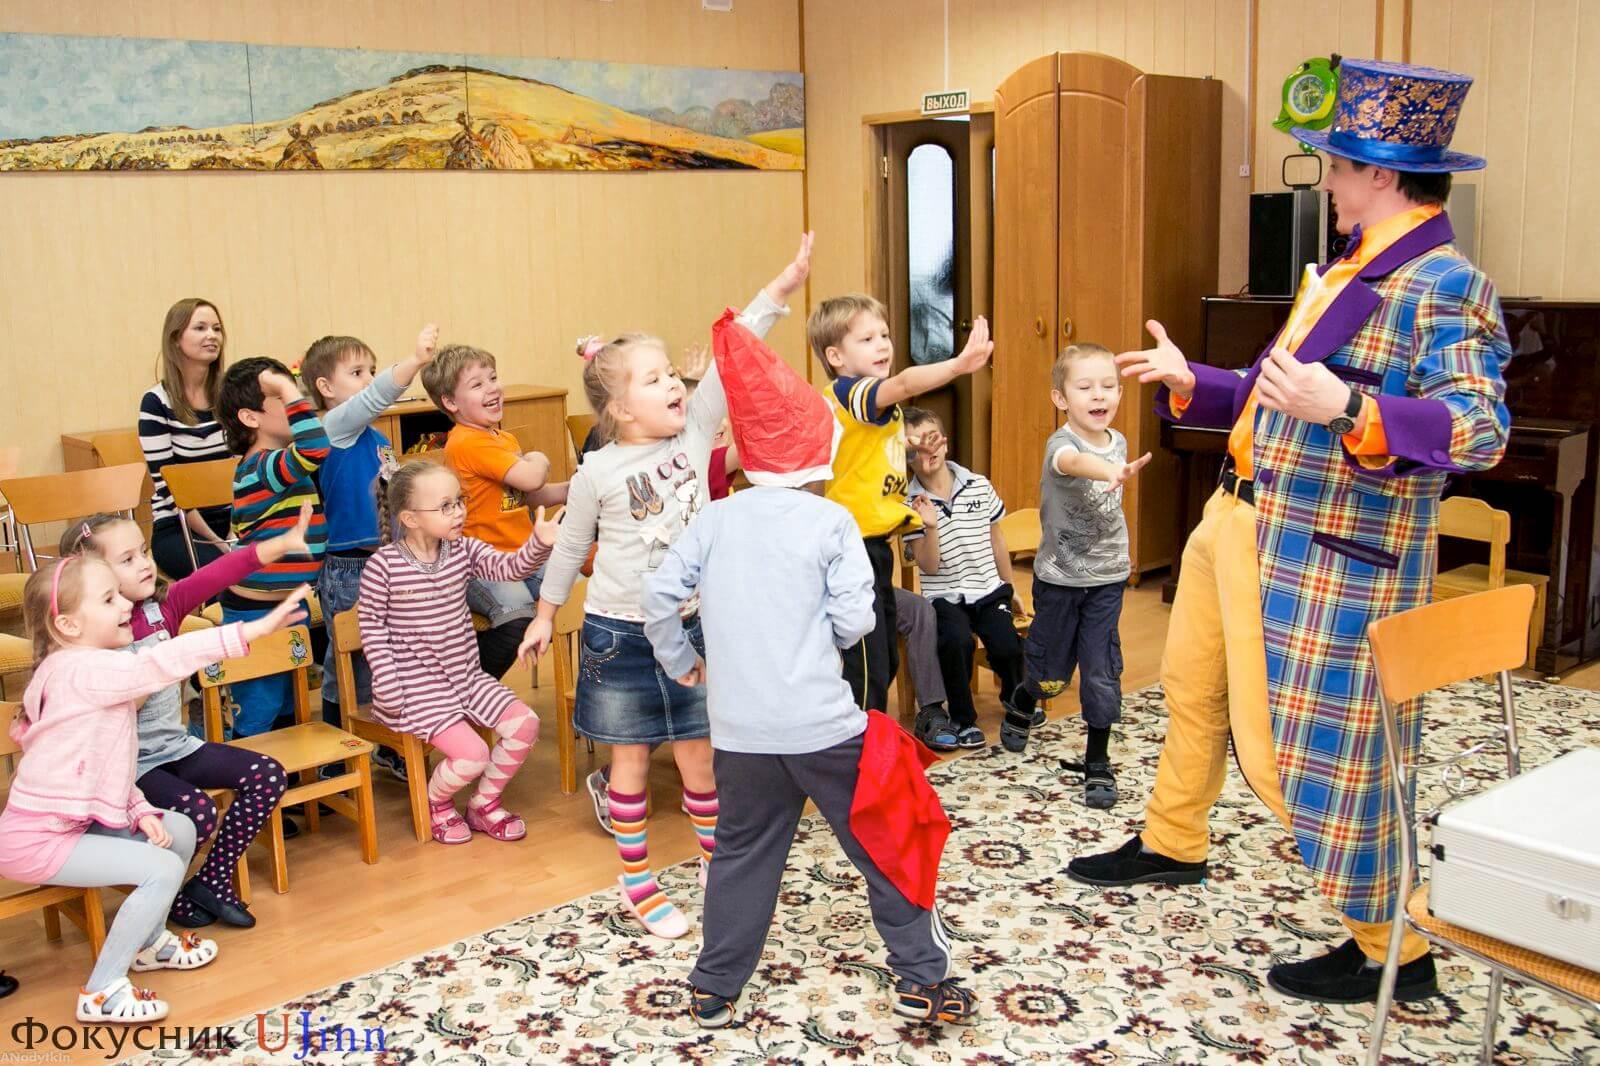 Фокусник Юджинн в детском саду 2